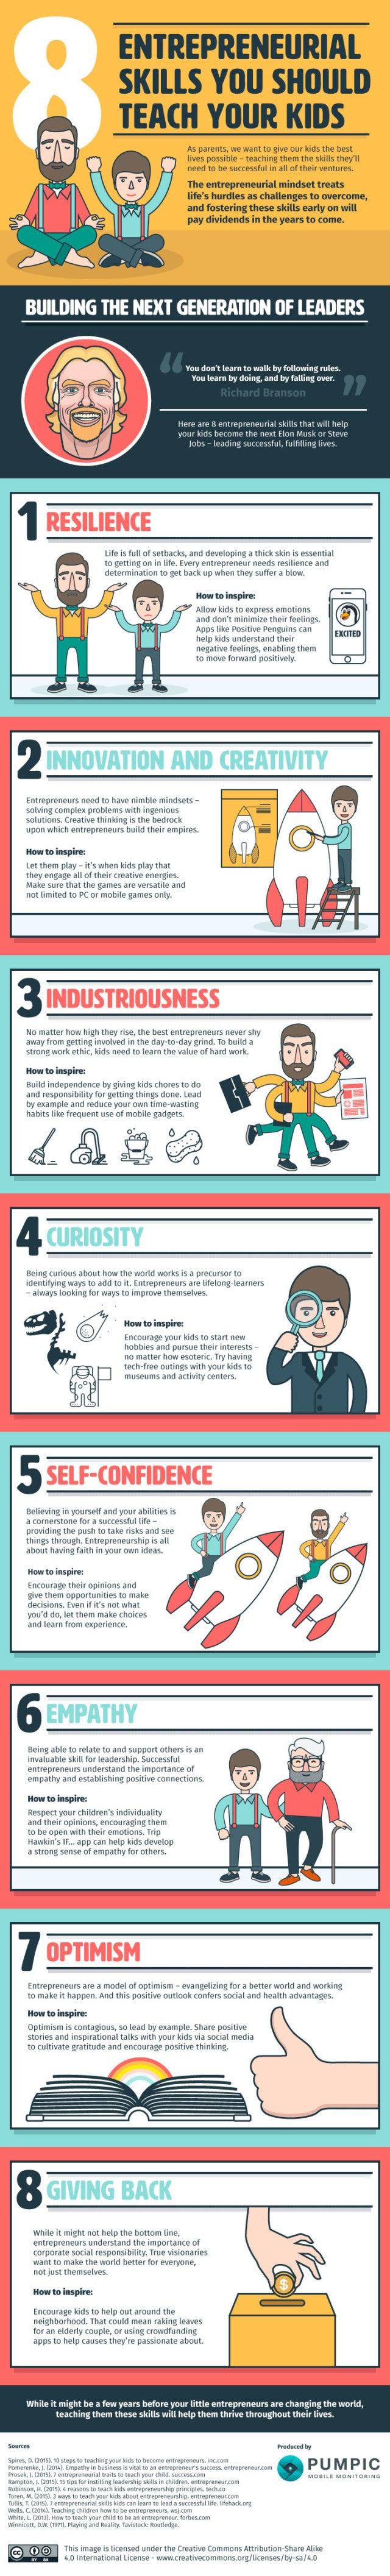 entrepreneurial skills for kids